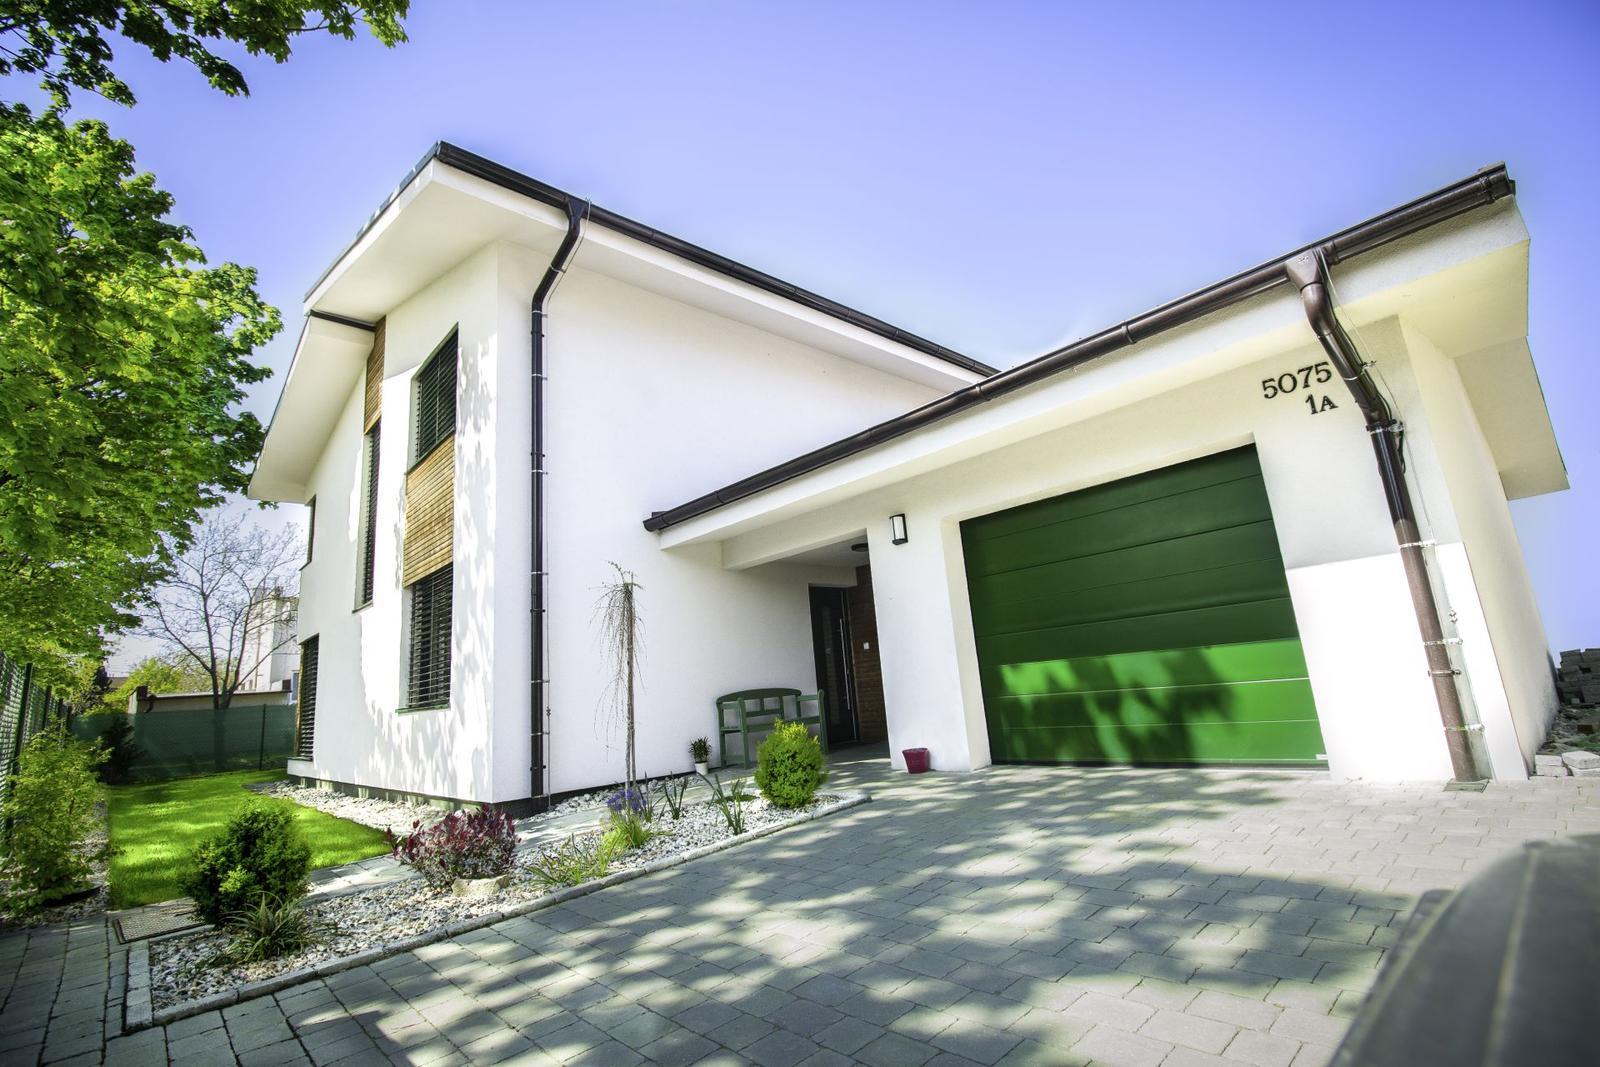 Pasívny dom ako z čítanky - Pasívny štandard drevostavby potvrdili aj po ukončení stavby merania a blower door test. Komfort bývania je skutočne cítiť na nákladoch. Podľa vyúčtovanie za 12 mesiacov vychádzalo 50 eur na mesiac za elektrinu.